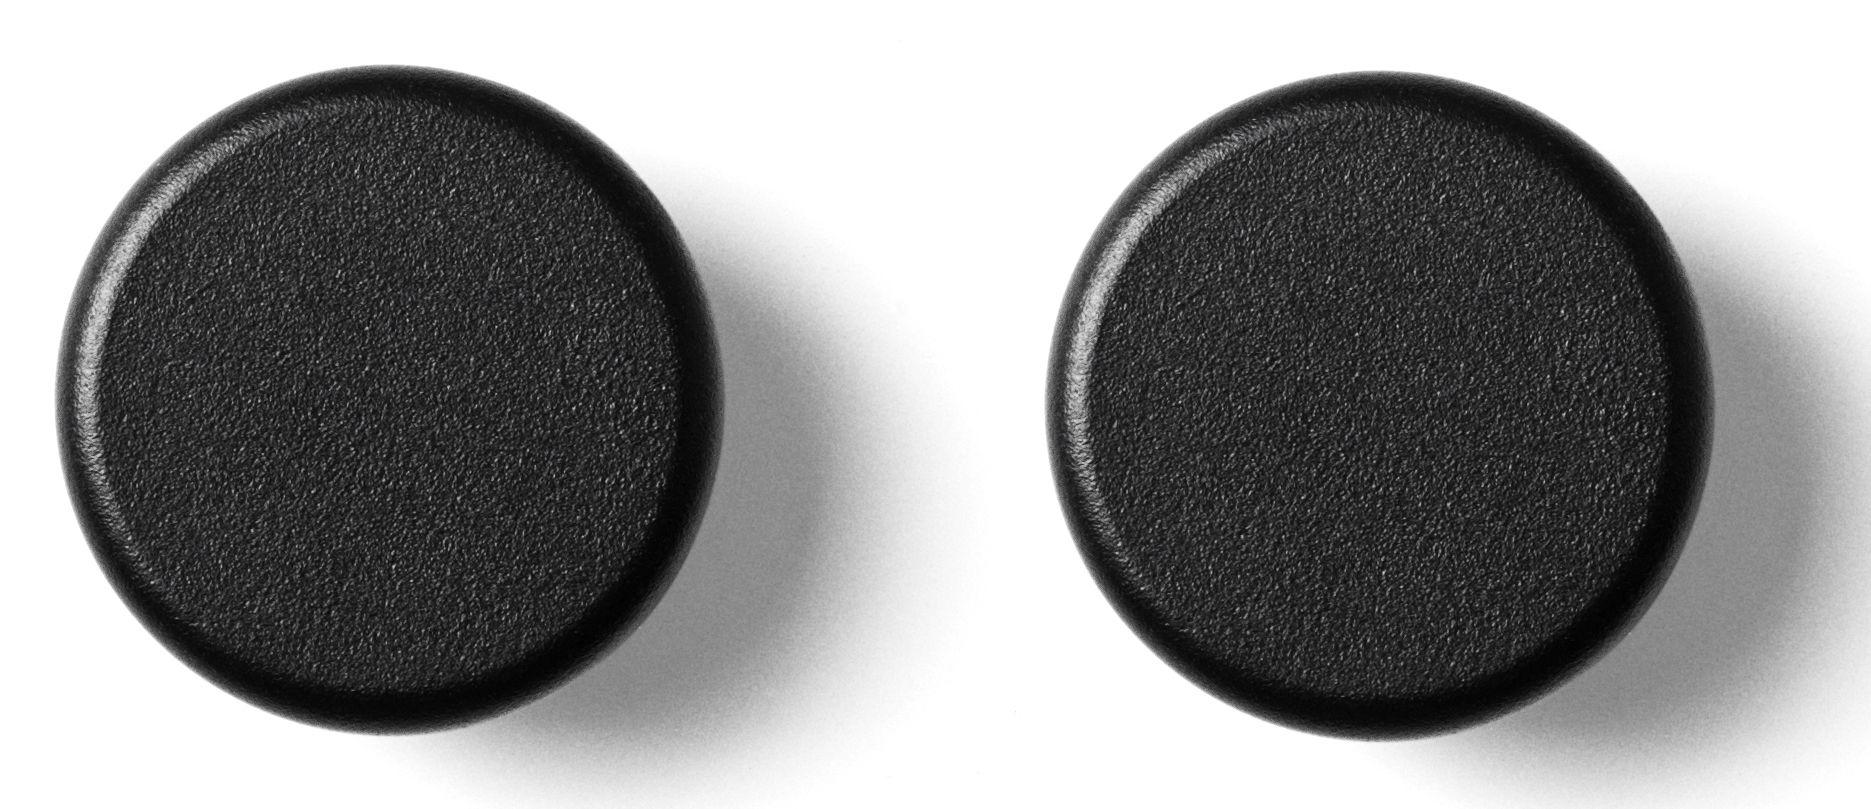 Furniture - Coat Racks & Pegs - Hook - Set of 2 by Menu - Black - Steel